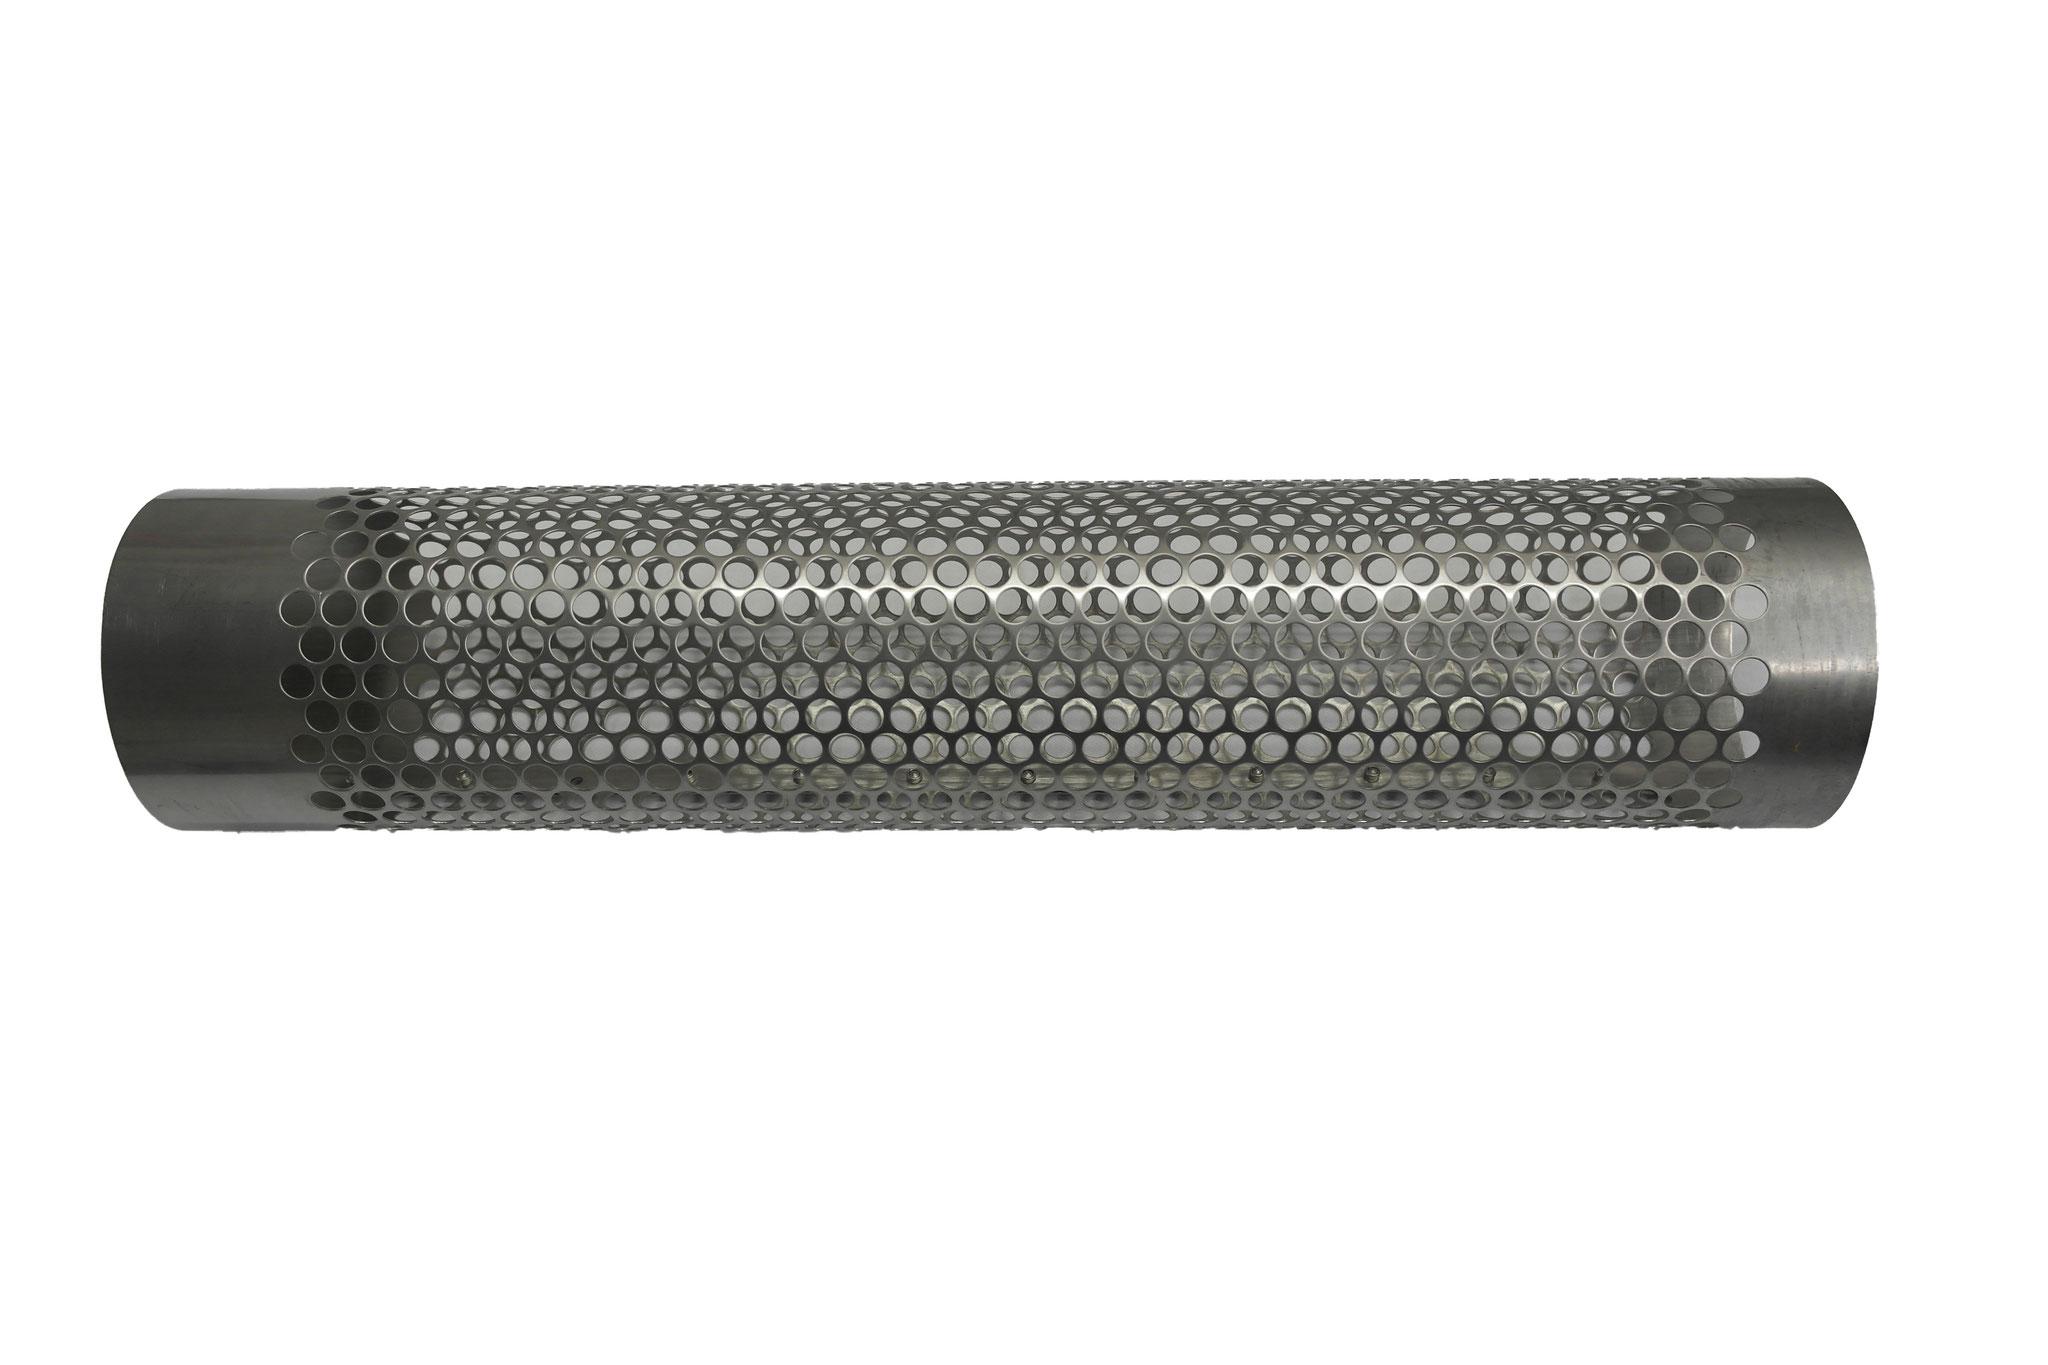 Siebrohr für KG Rohr 110